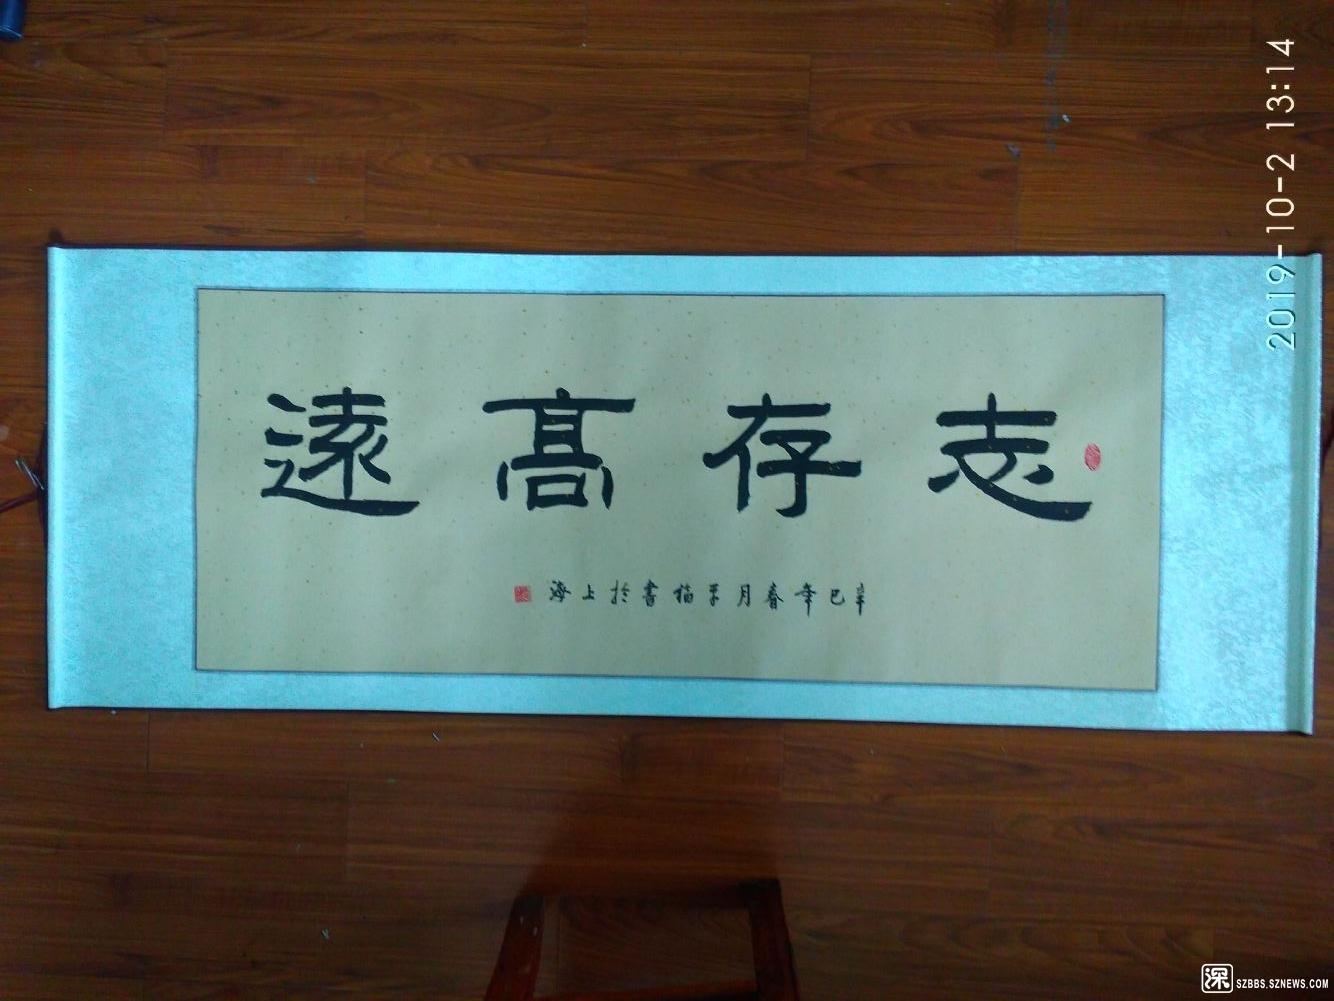 马平福 国际知名书画家 收藏级艺术品21.jpg